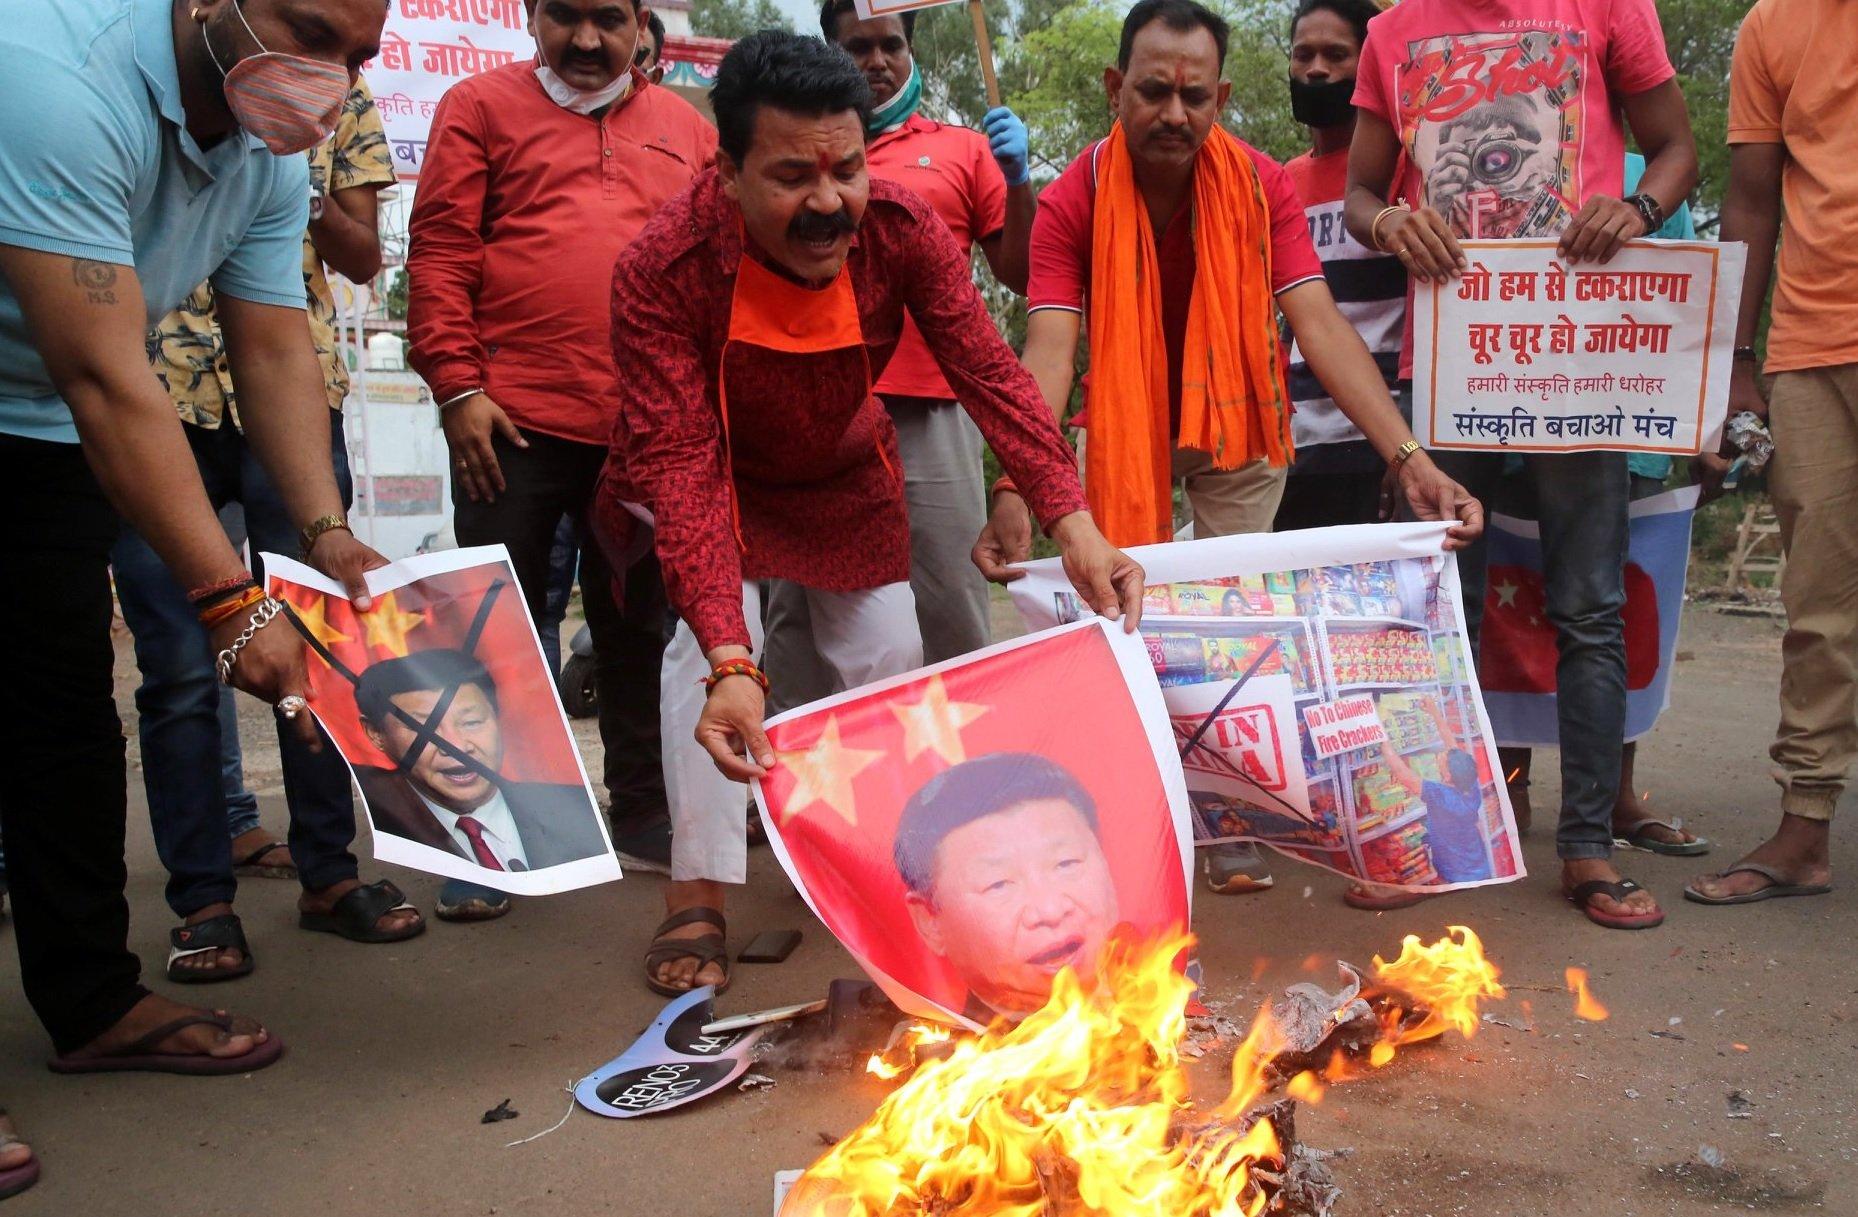 在印度博帕爾,有反中示威者高叫口號,並焚燒中國國家主席習近平的海報。